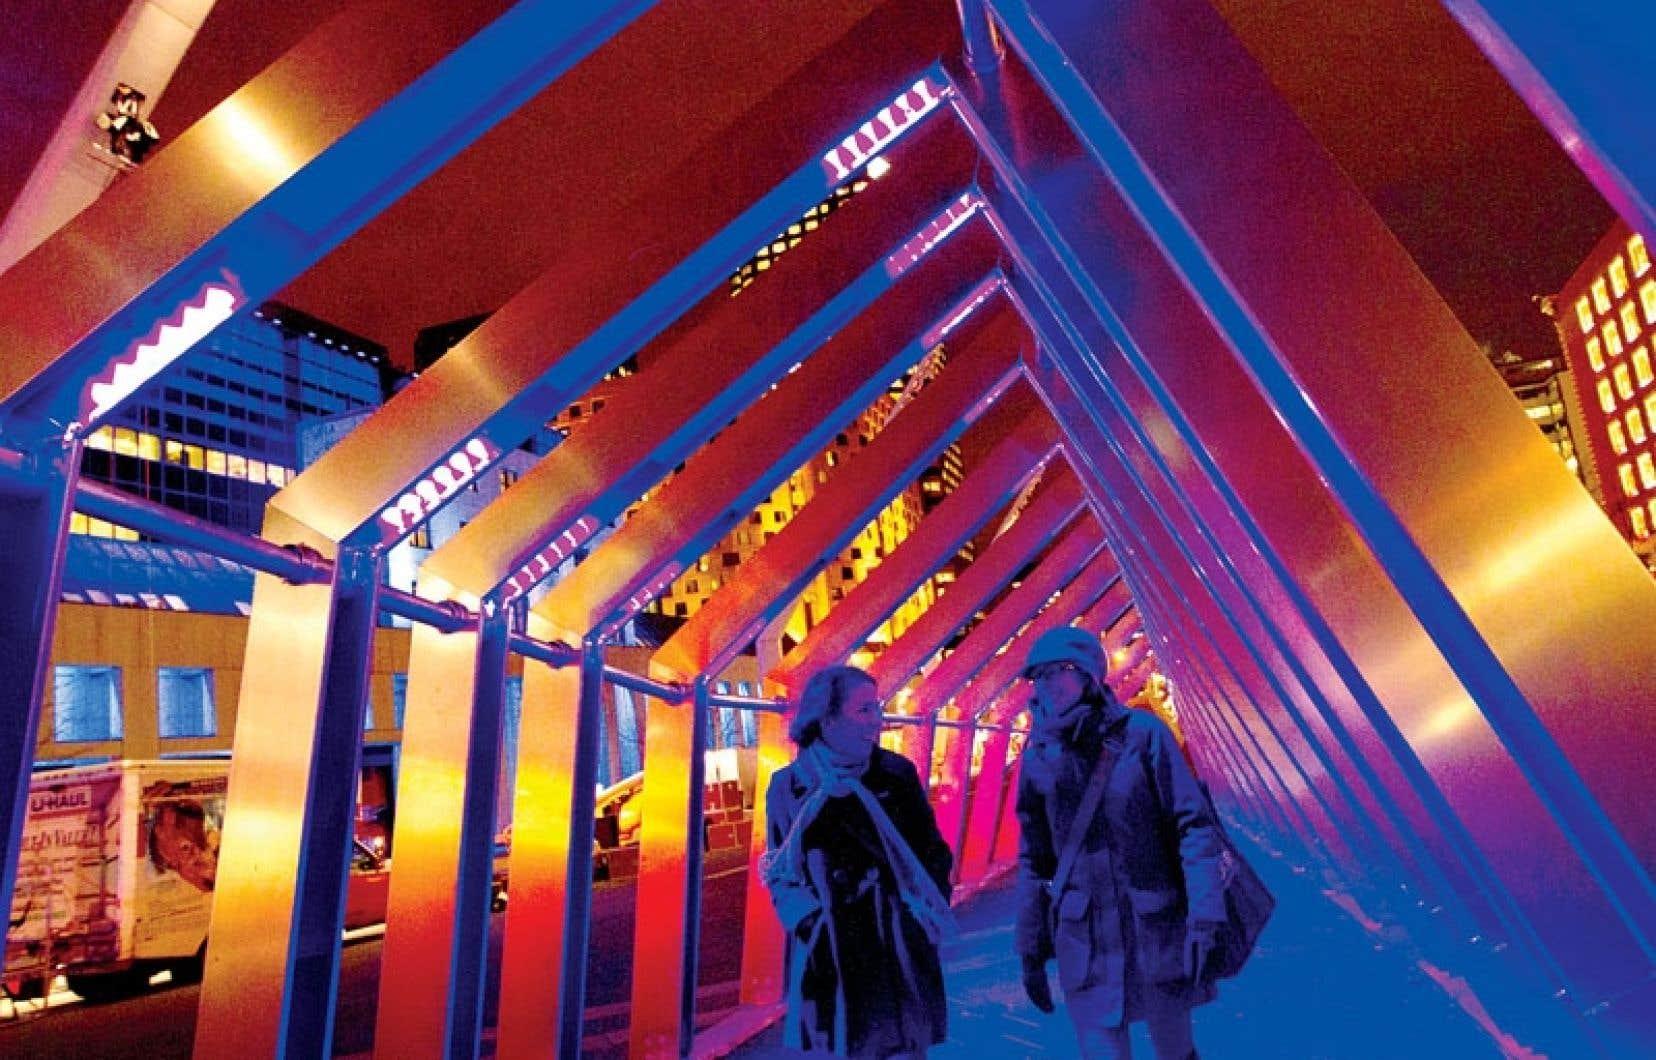 L'œuvre immersive en forme d'arches lumineuses et sonores se déploiera sur la place bruxelloise nouvellement rénovée, du 29 novembre du 5 janvier.